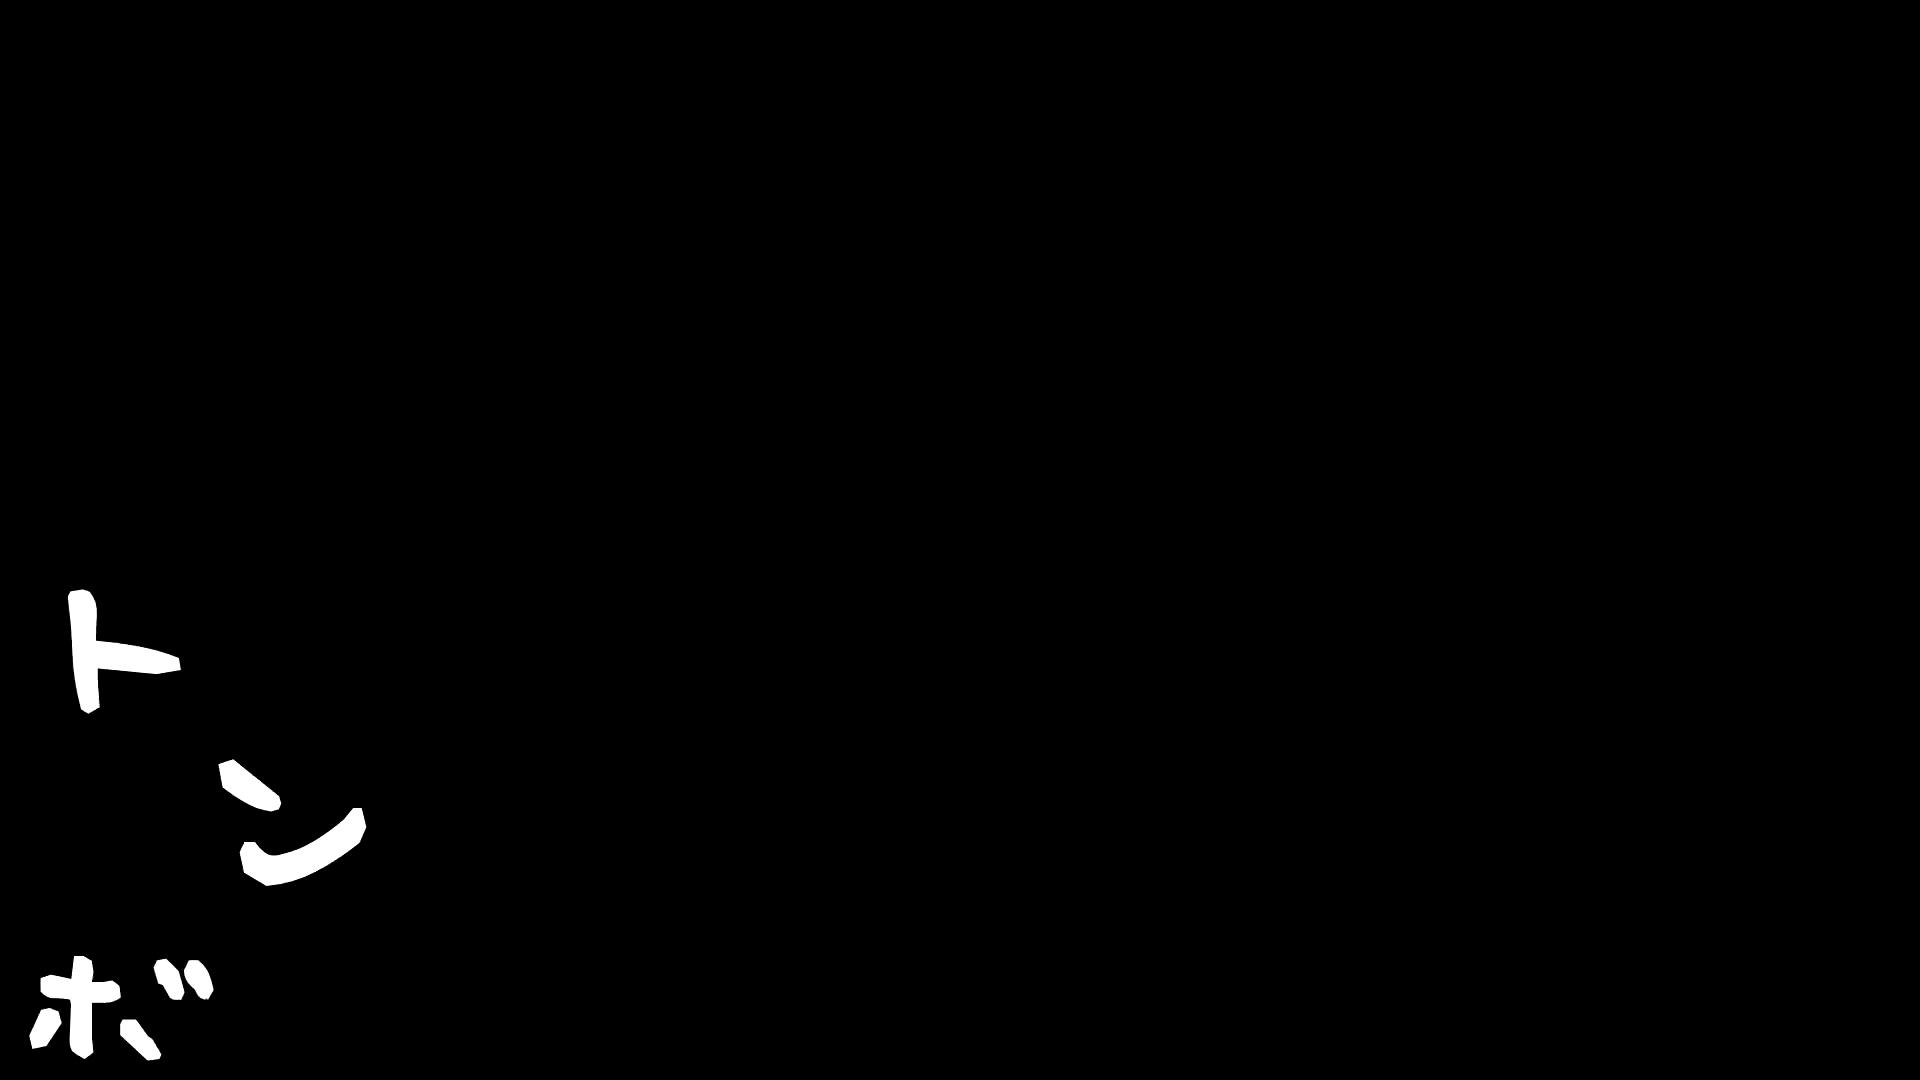 リアル盗撮 清楚なお女市さんのマル秘私生活① 高画質 AV無料 79枚 71